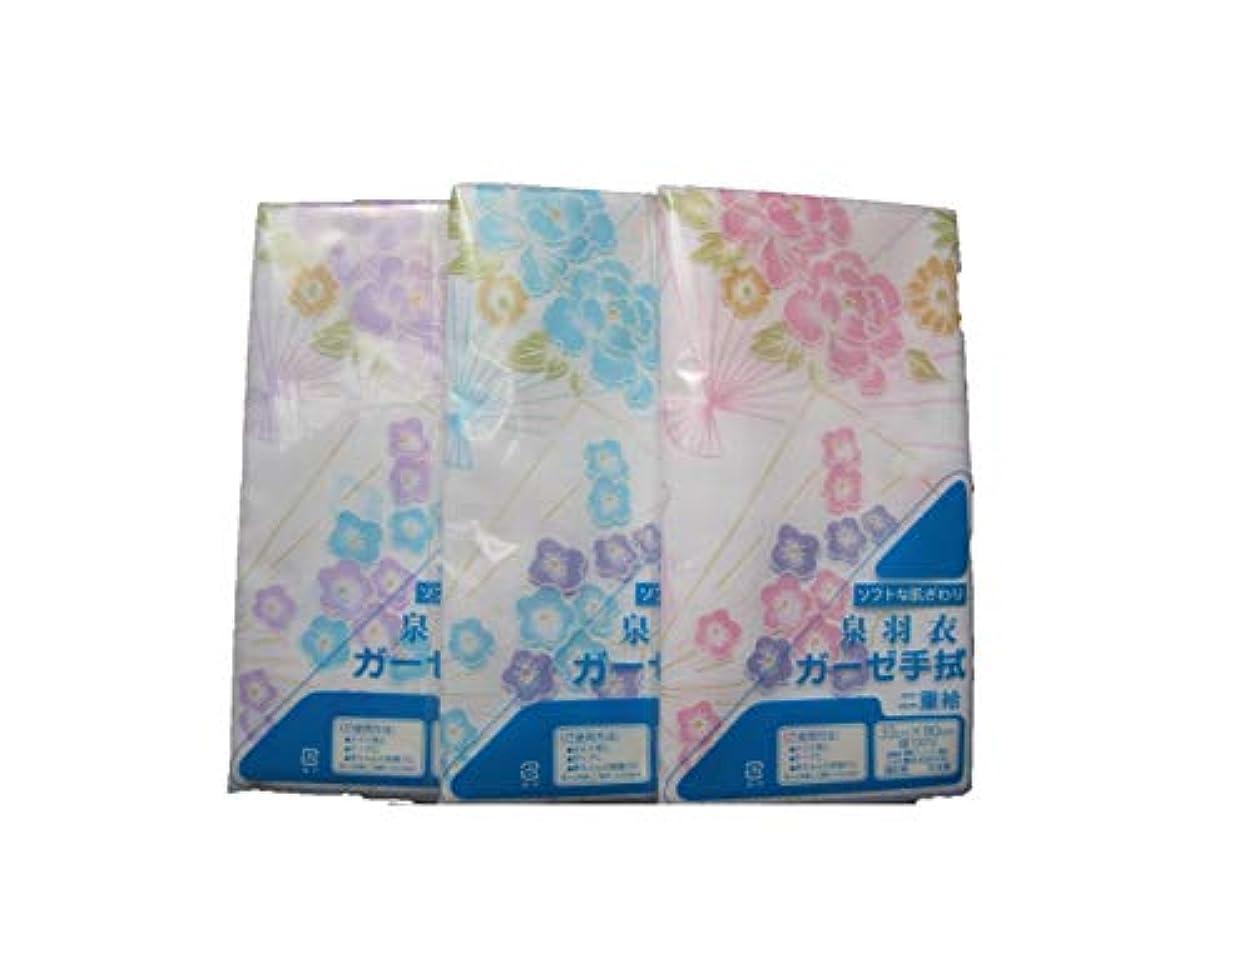 岸オーストラリアオールガーゼ二重袷てぬぐい ピンク?紫?青各一色3枚セット 小花シリーズ 日本製約33cm×90cm(花檜扇)